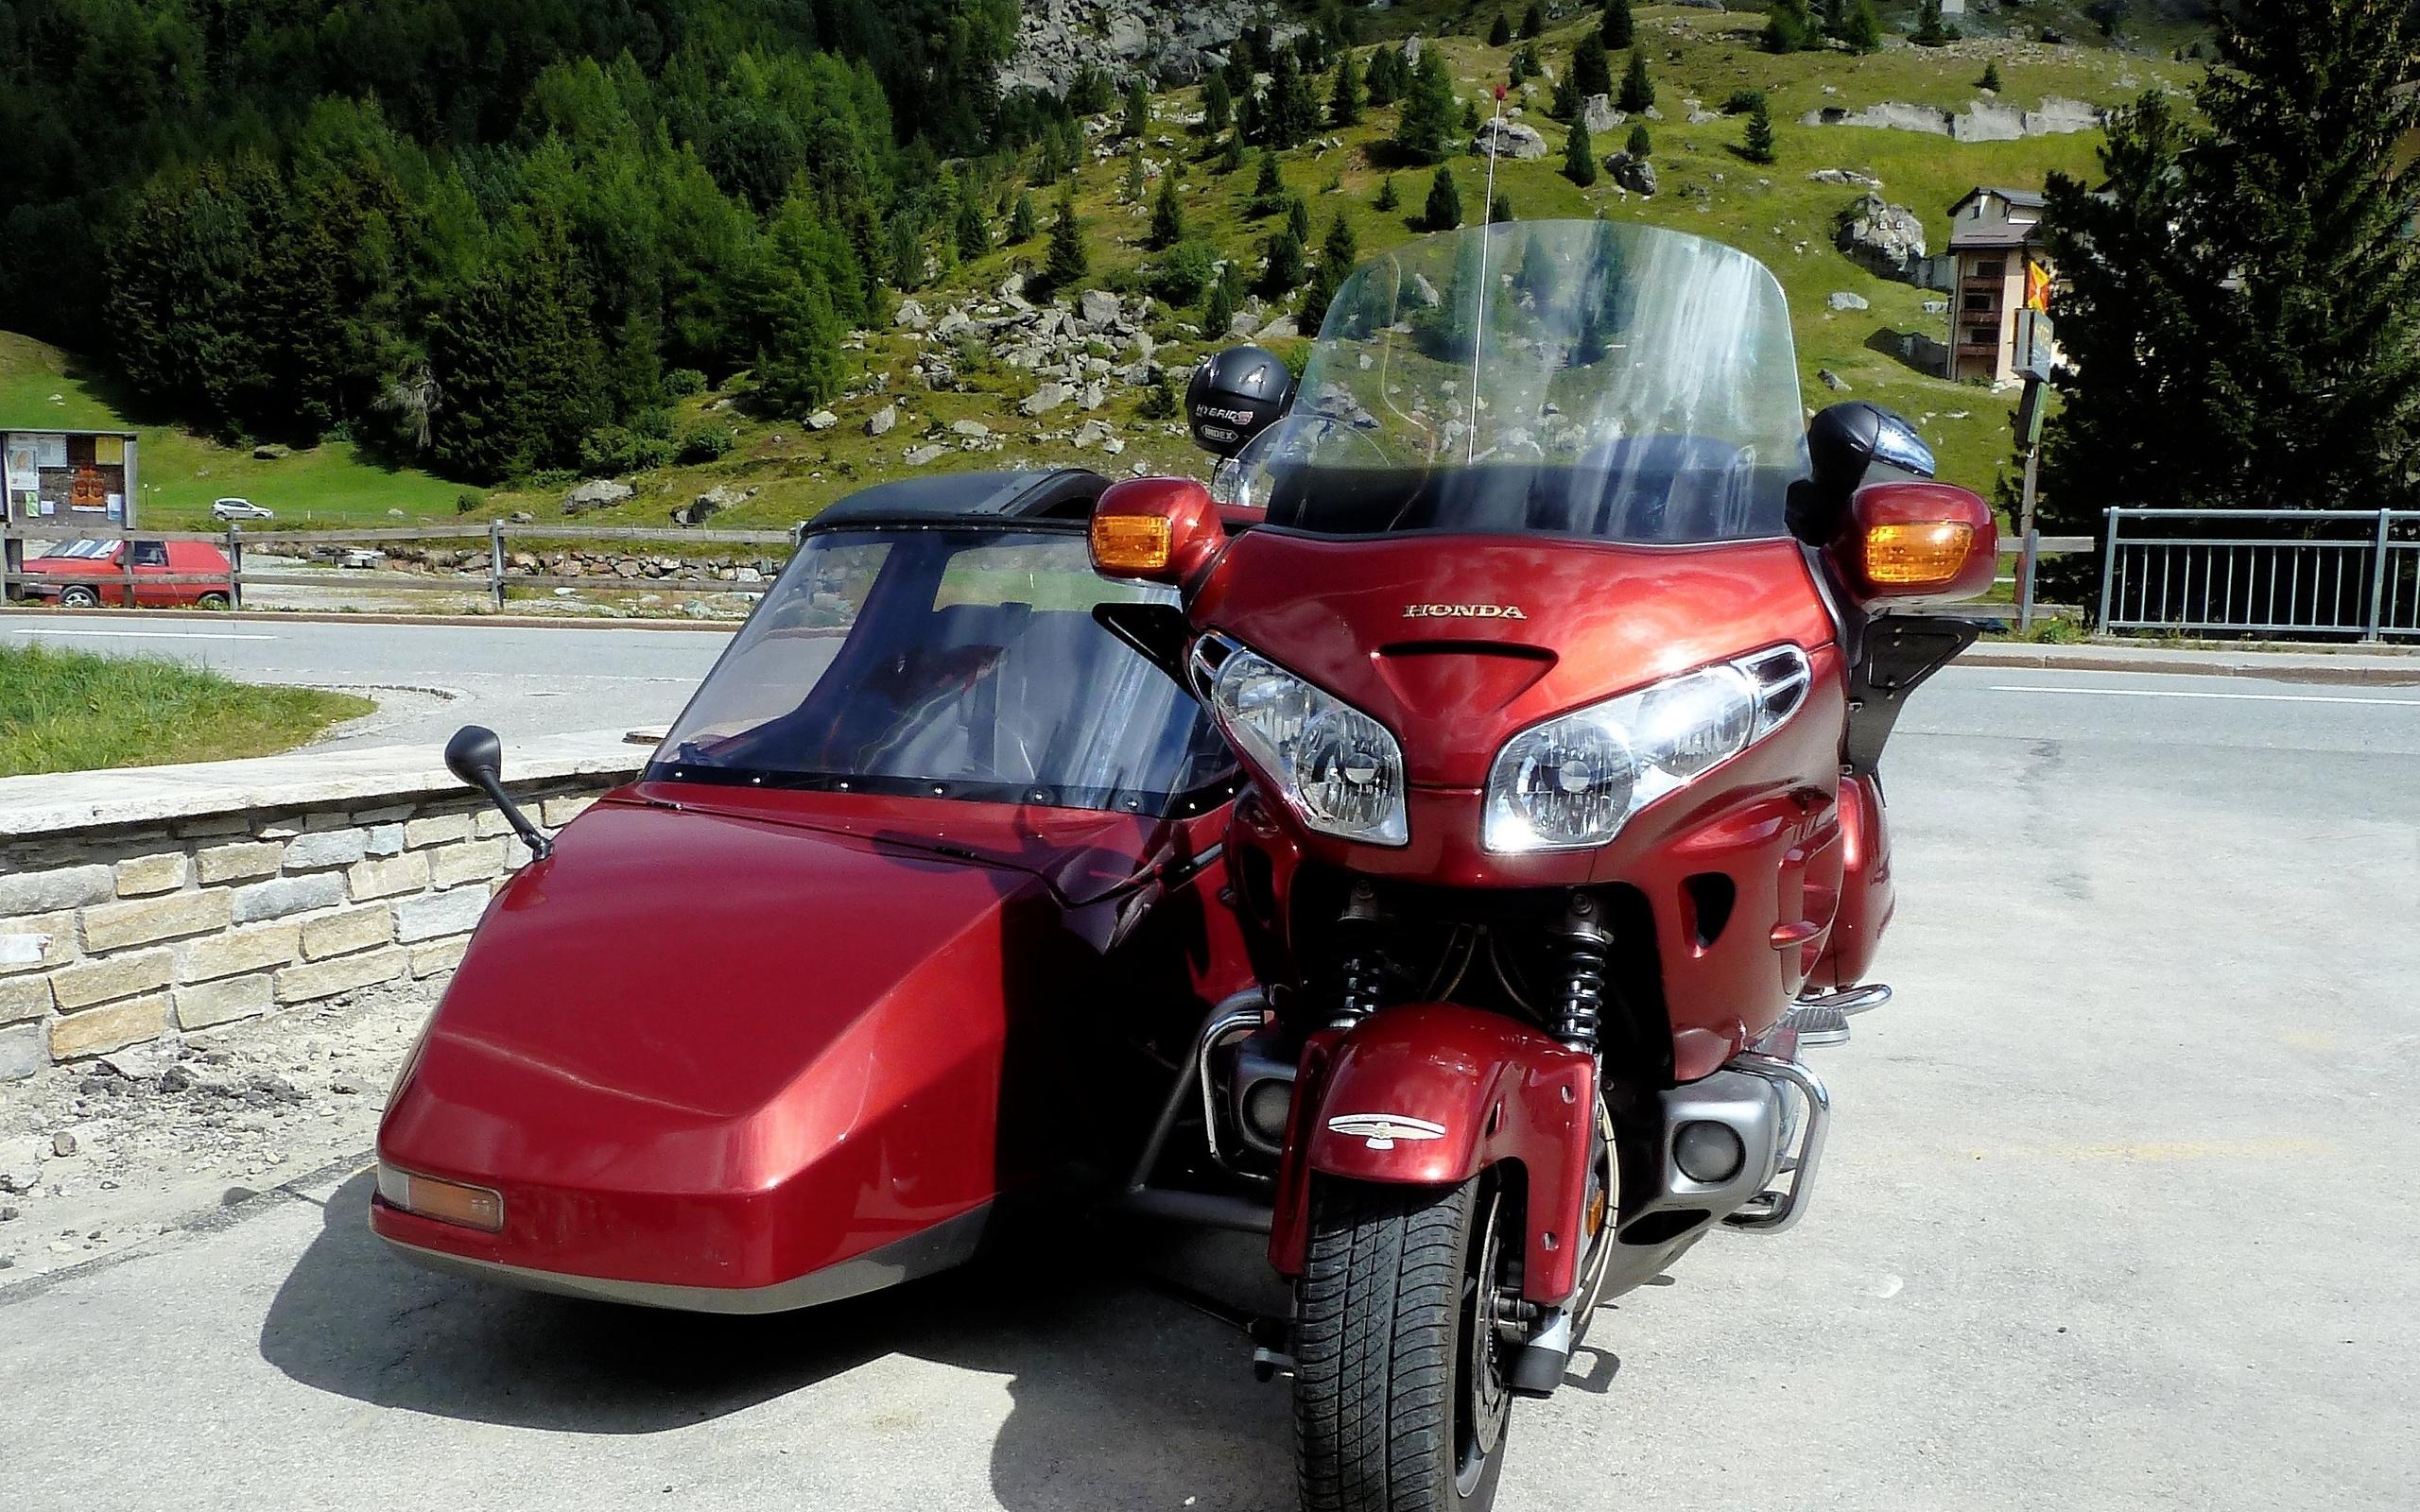 место, современные мотоциклы с колясками фото сладкое, боитесь